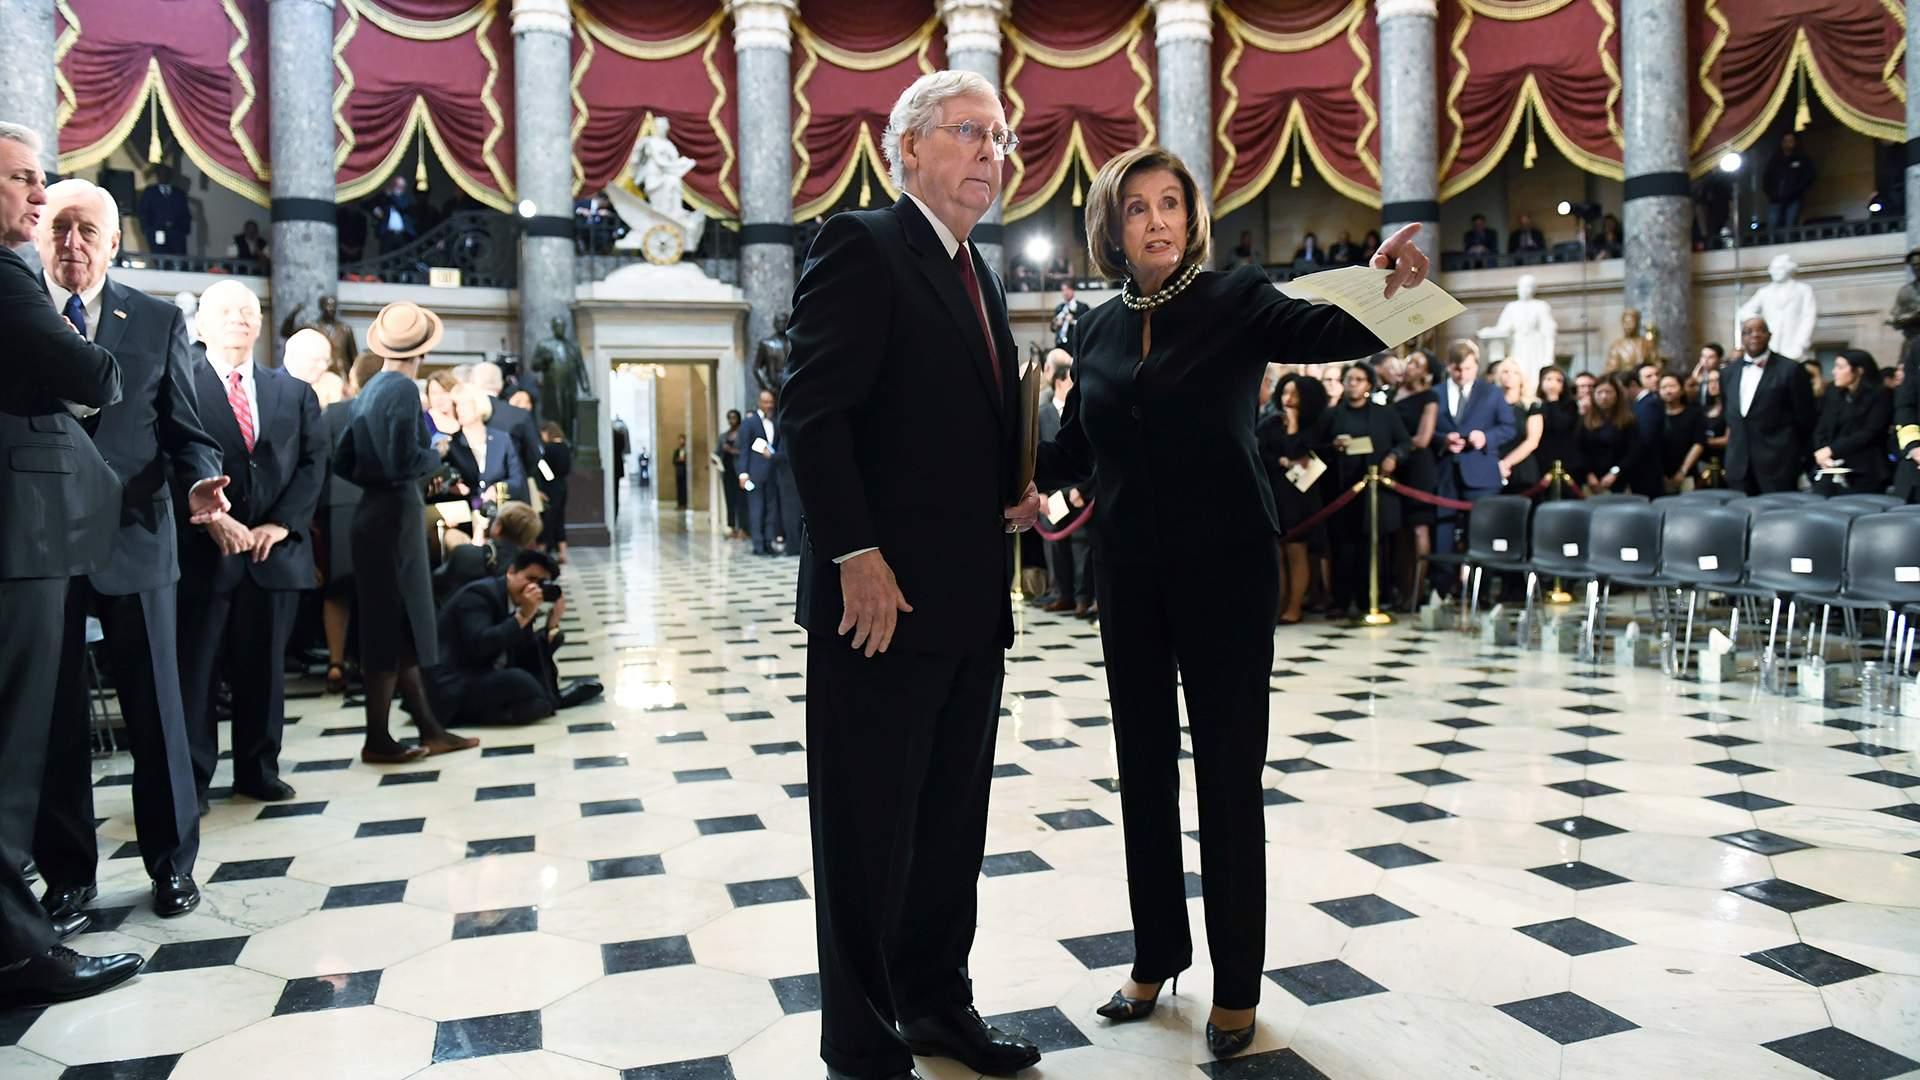 Сенатская плоскость: импичмент президенту США входит в финальную фазу    Статьи